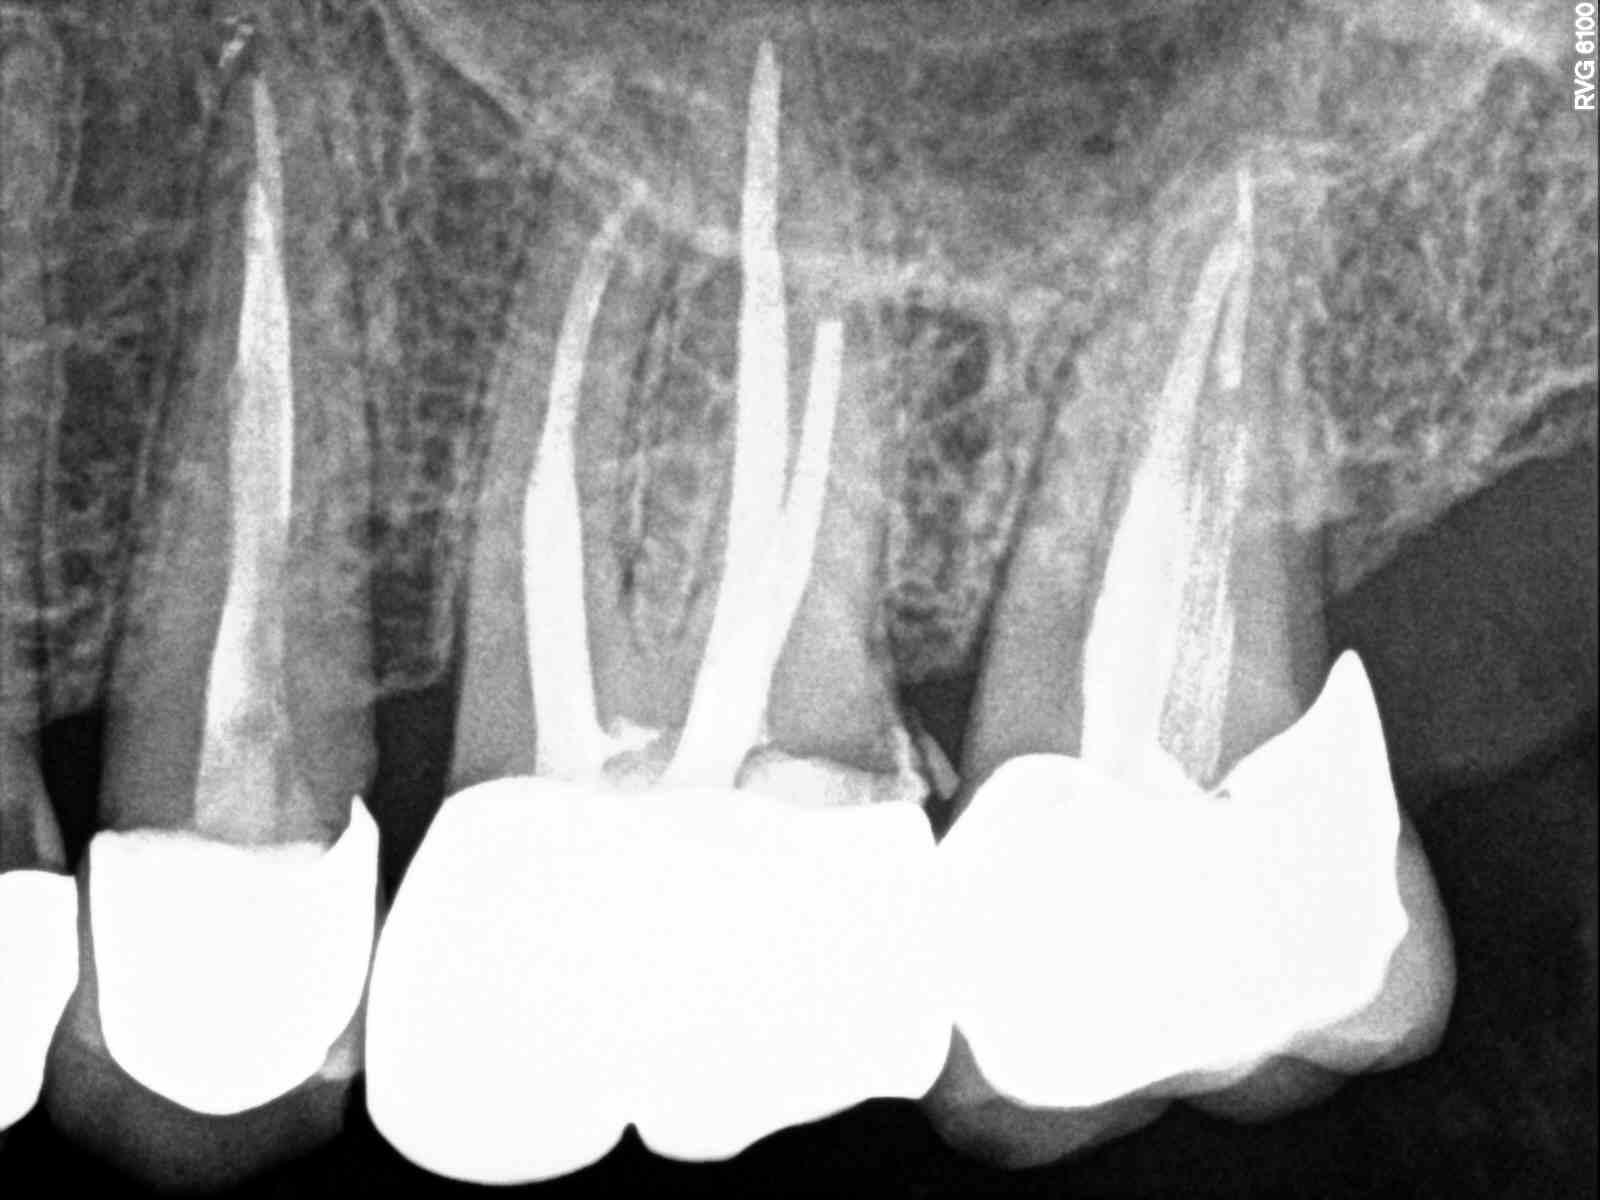 A seguito di rottura dente devitalizzato mi e' stata applicata una corona